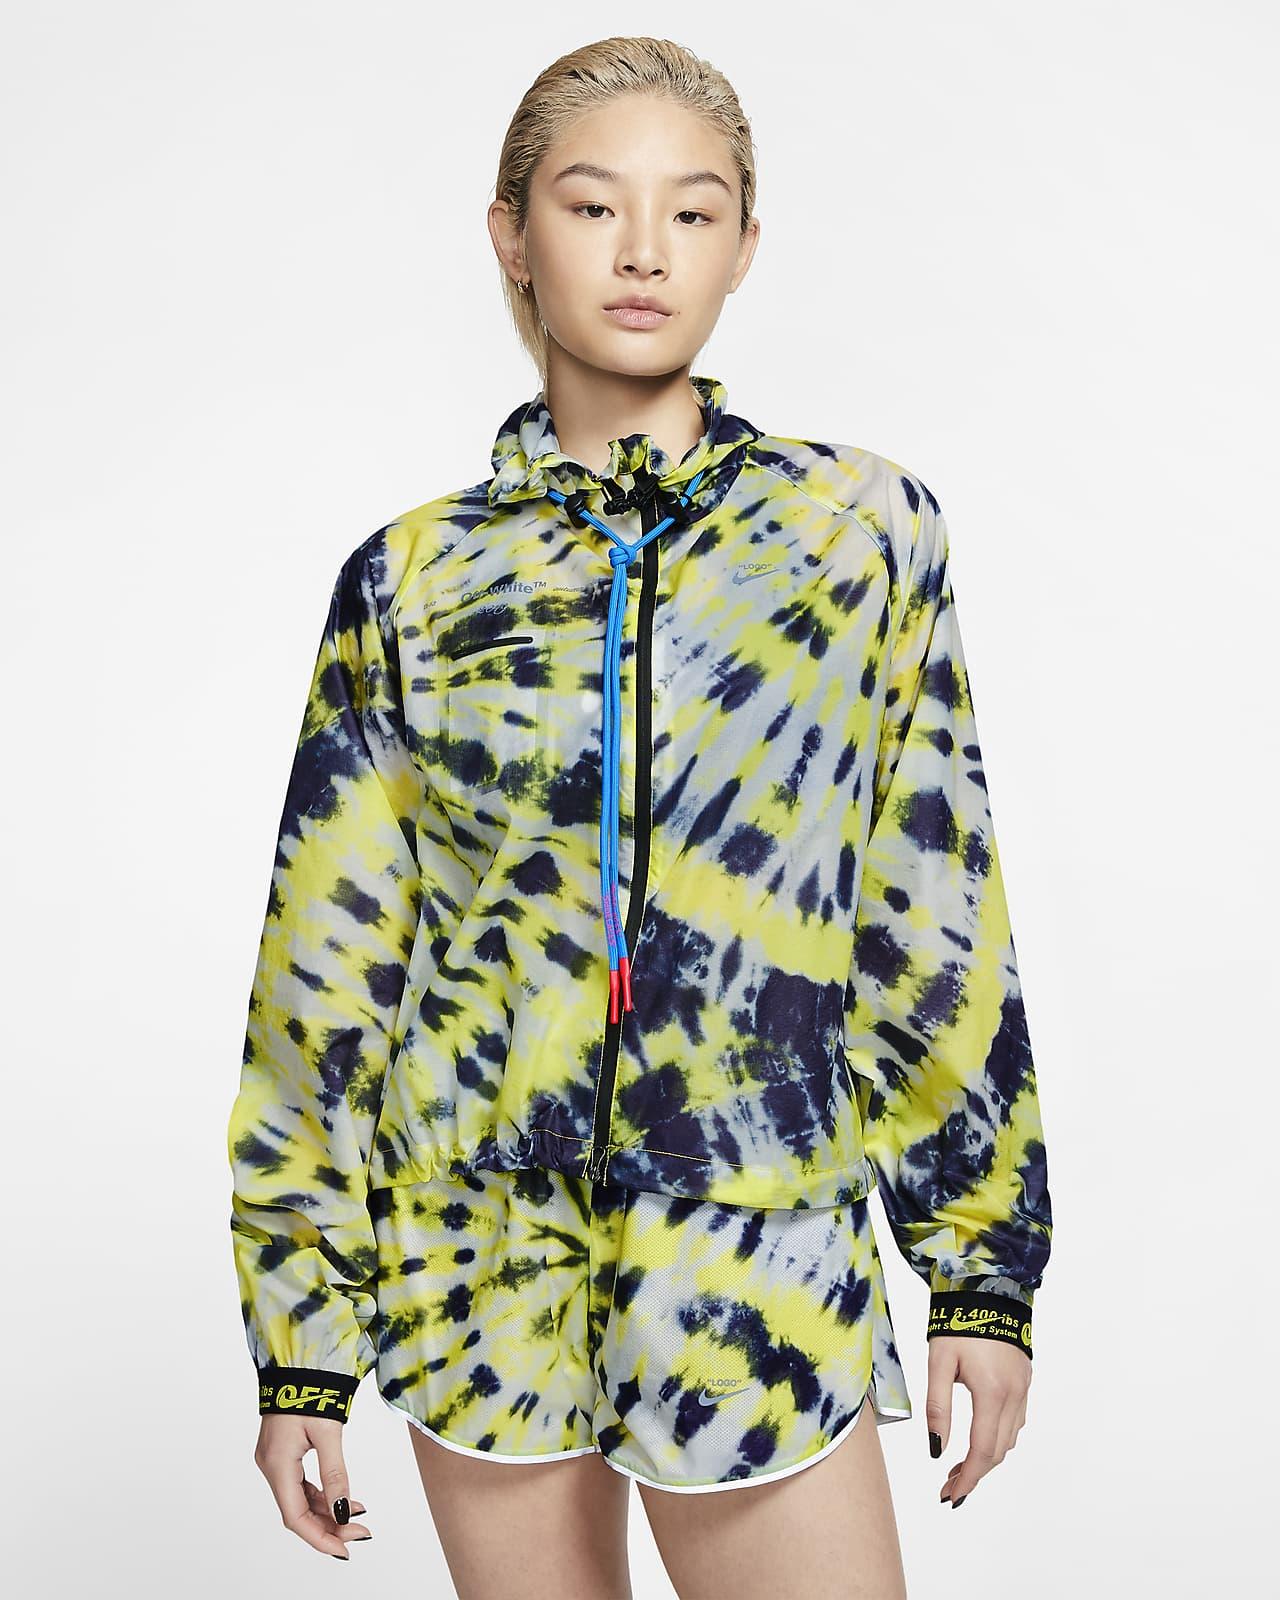 Women's Tie Dye Jacket. Nike JP